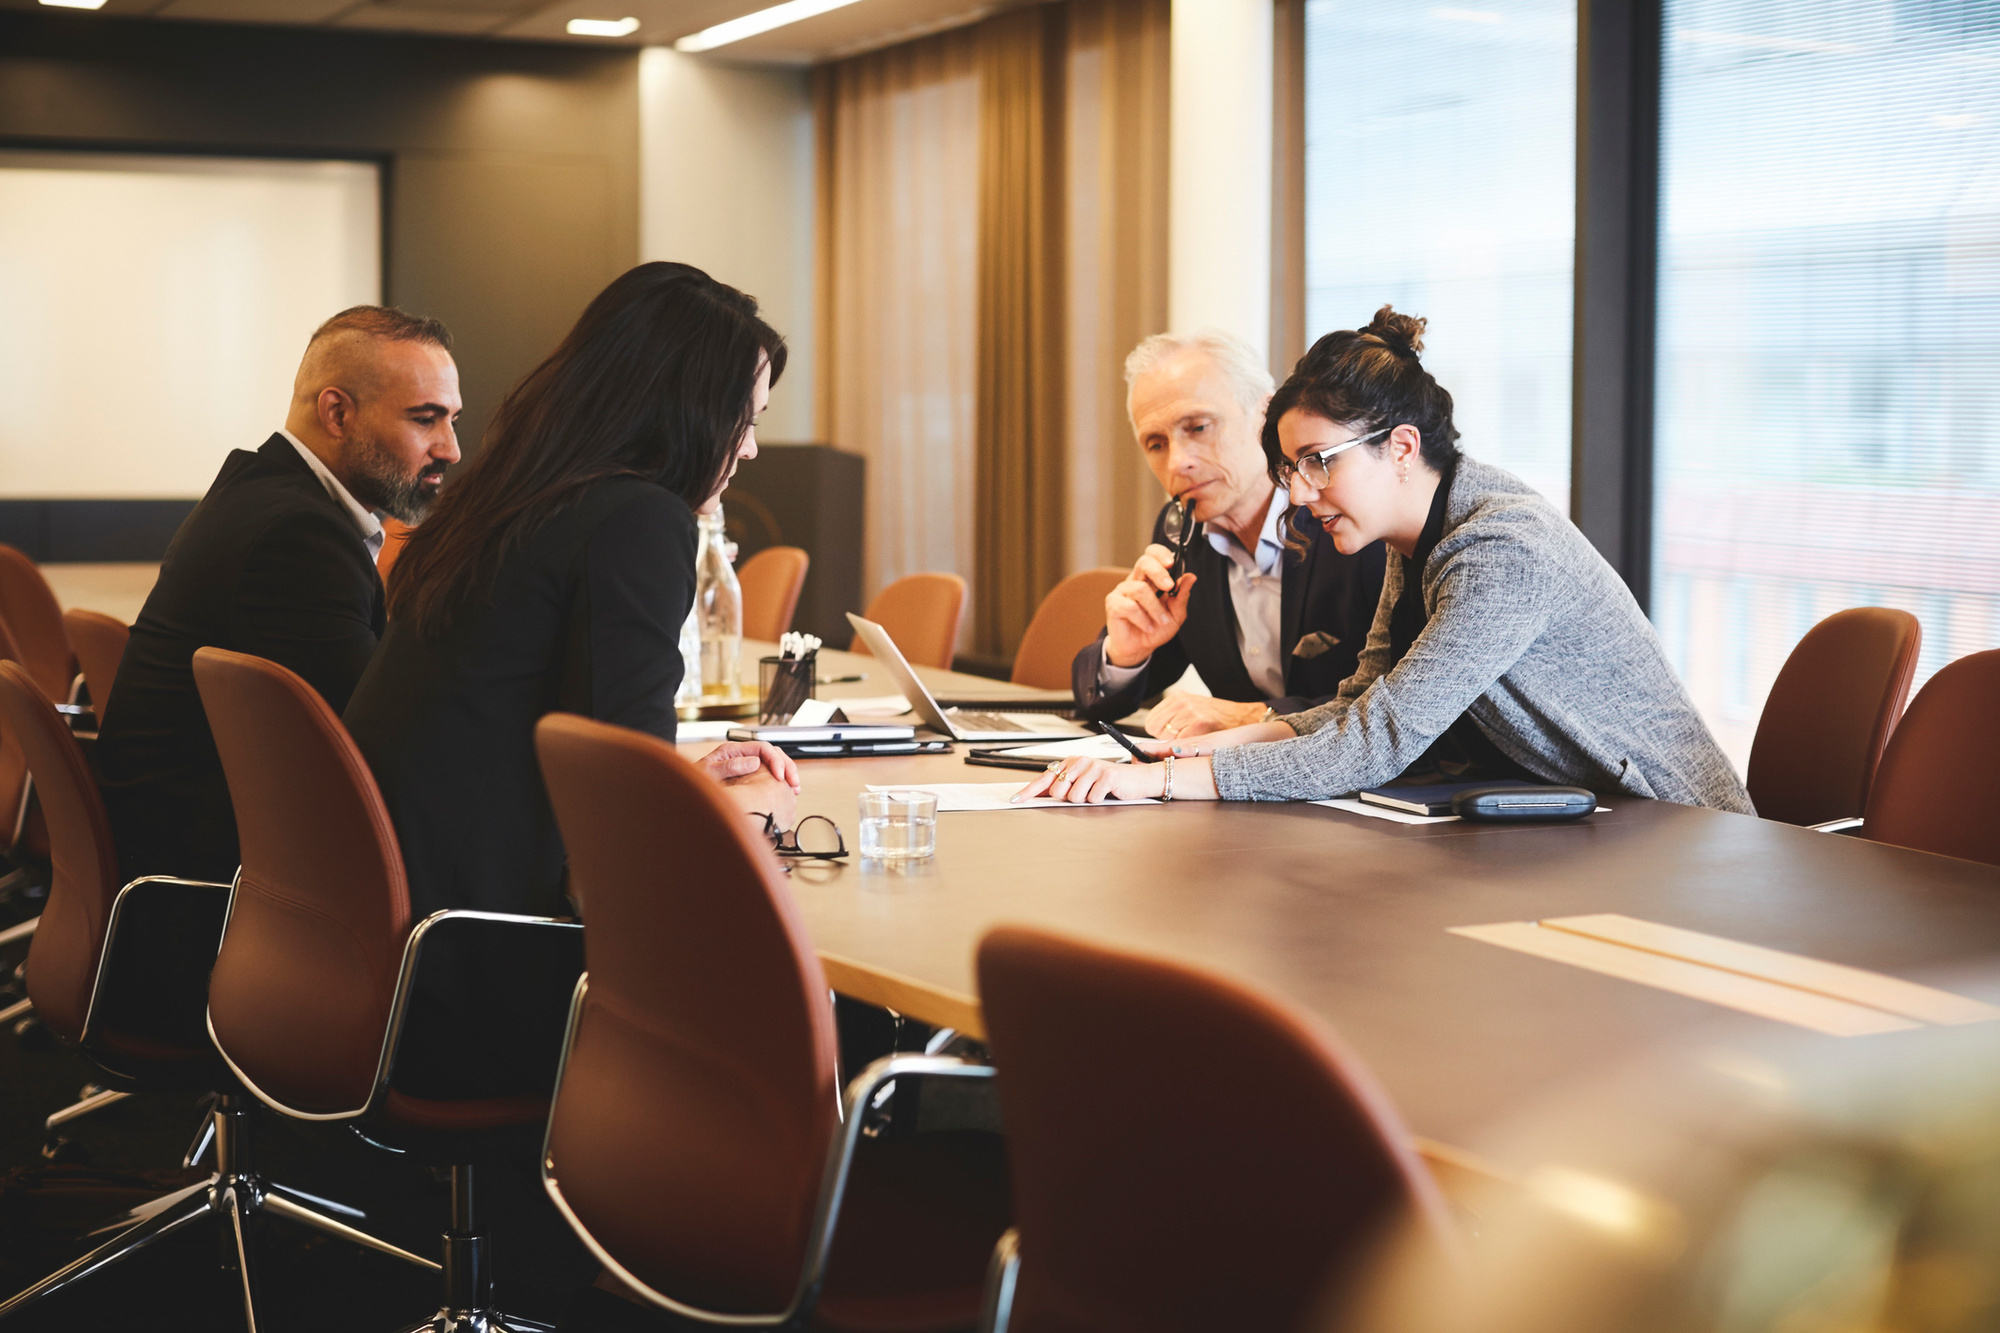 Le rôle de l'avocat évolue vers plus de conciliation, iStock